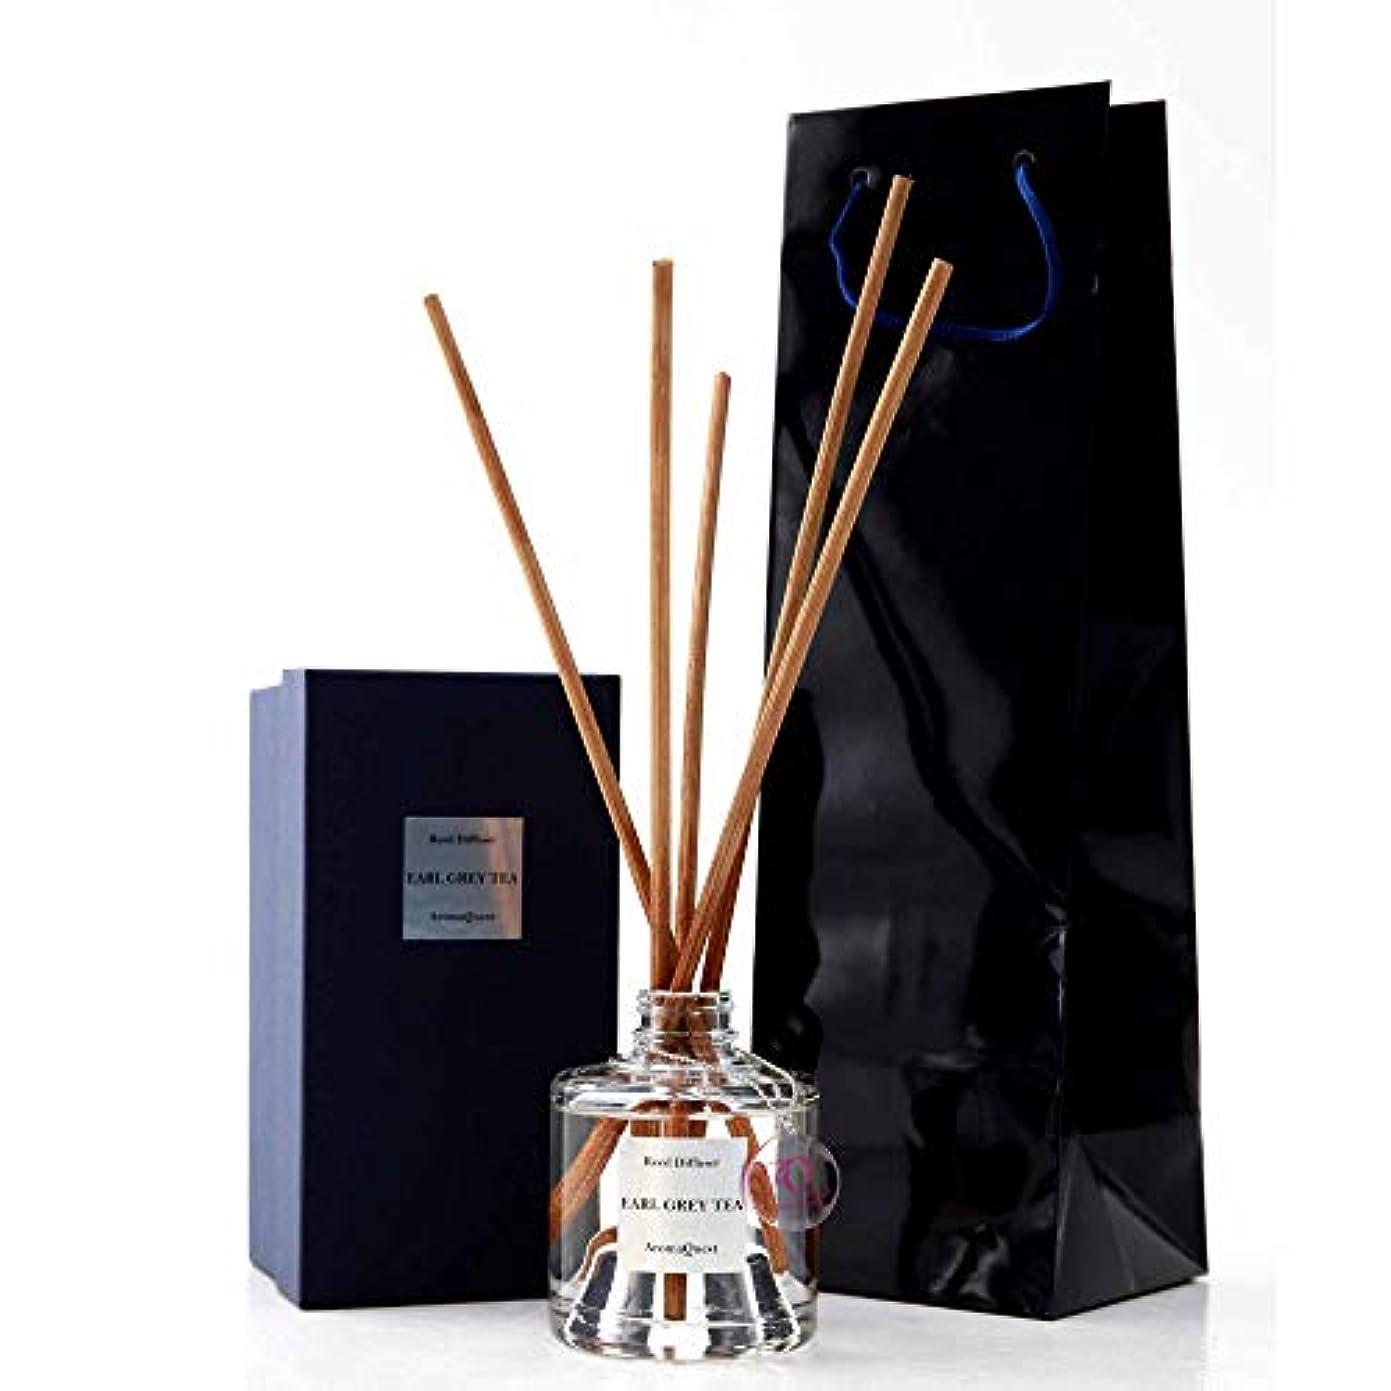 ママレキシコン機関車ルームフレグランス リードディフューザー アロマディフューザー 150ml アールグレイティー EARL GREY TEA 紅茶の香り